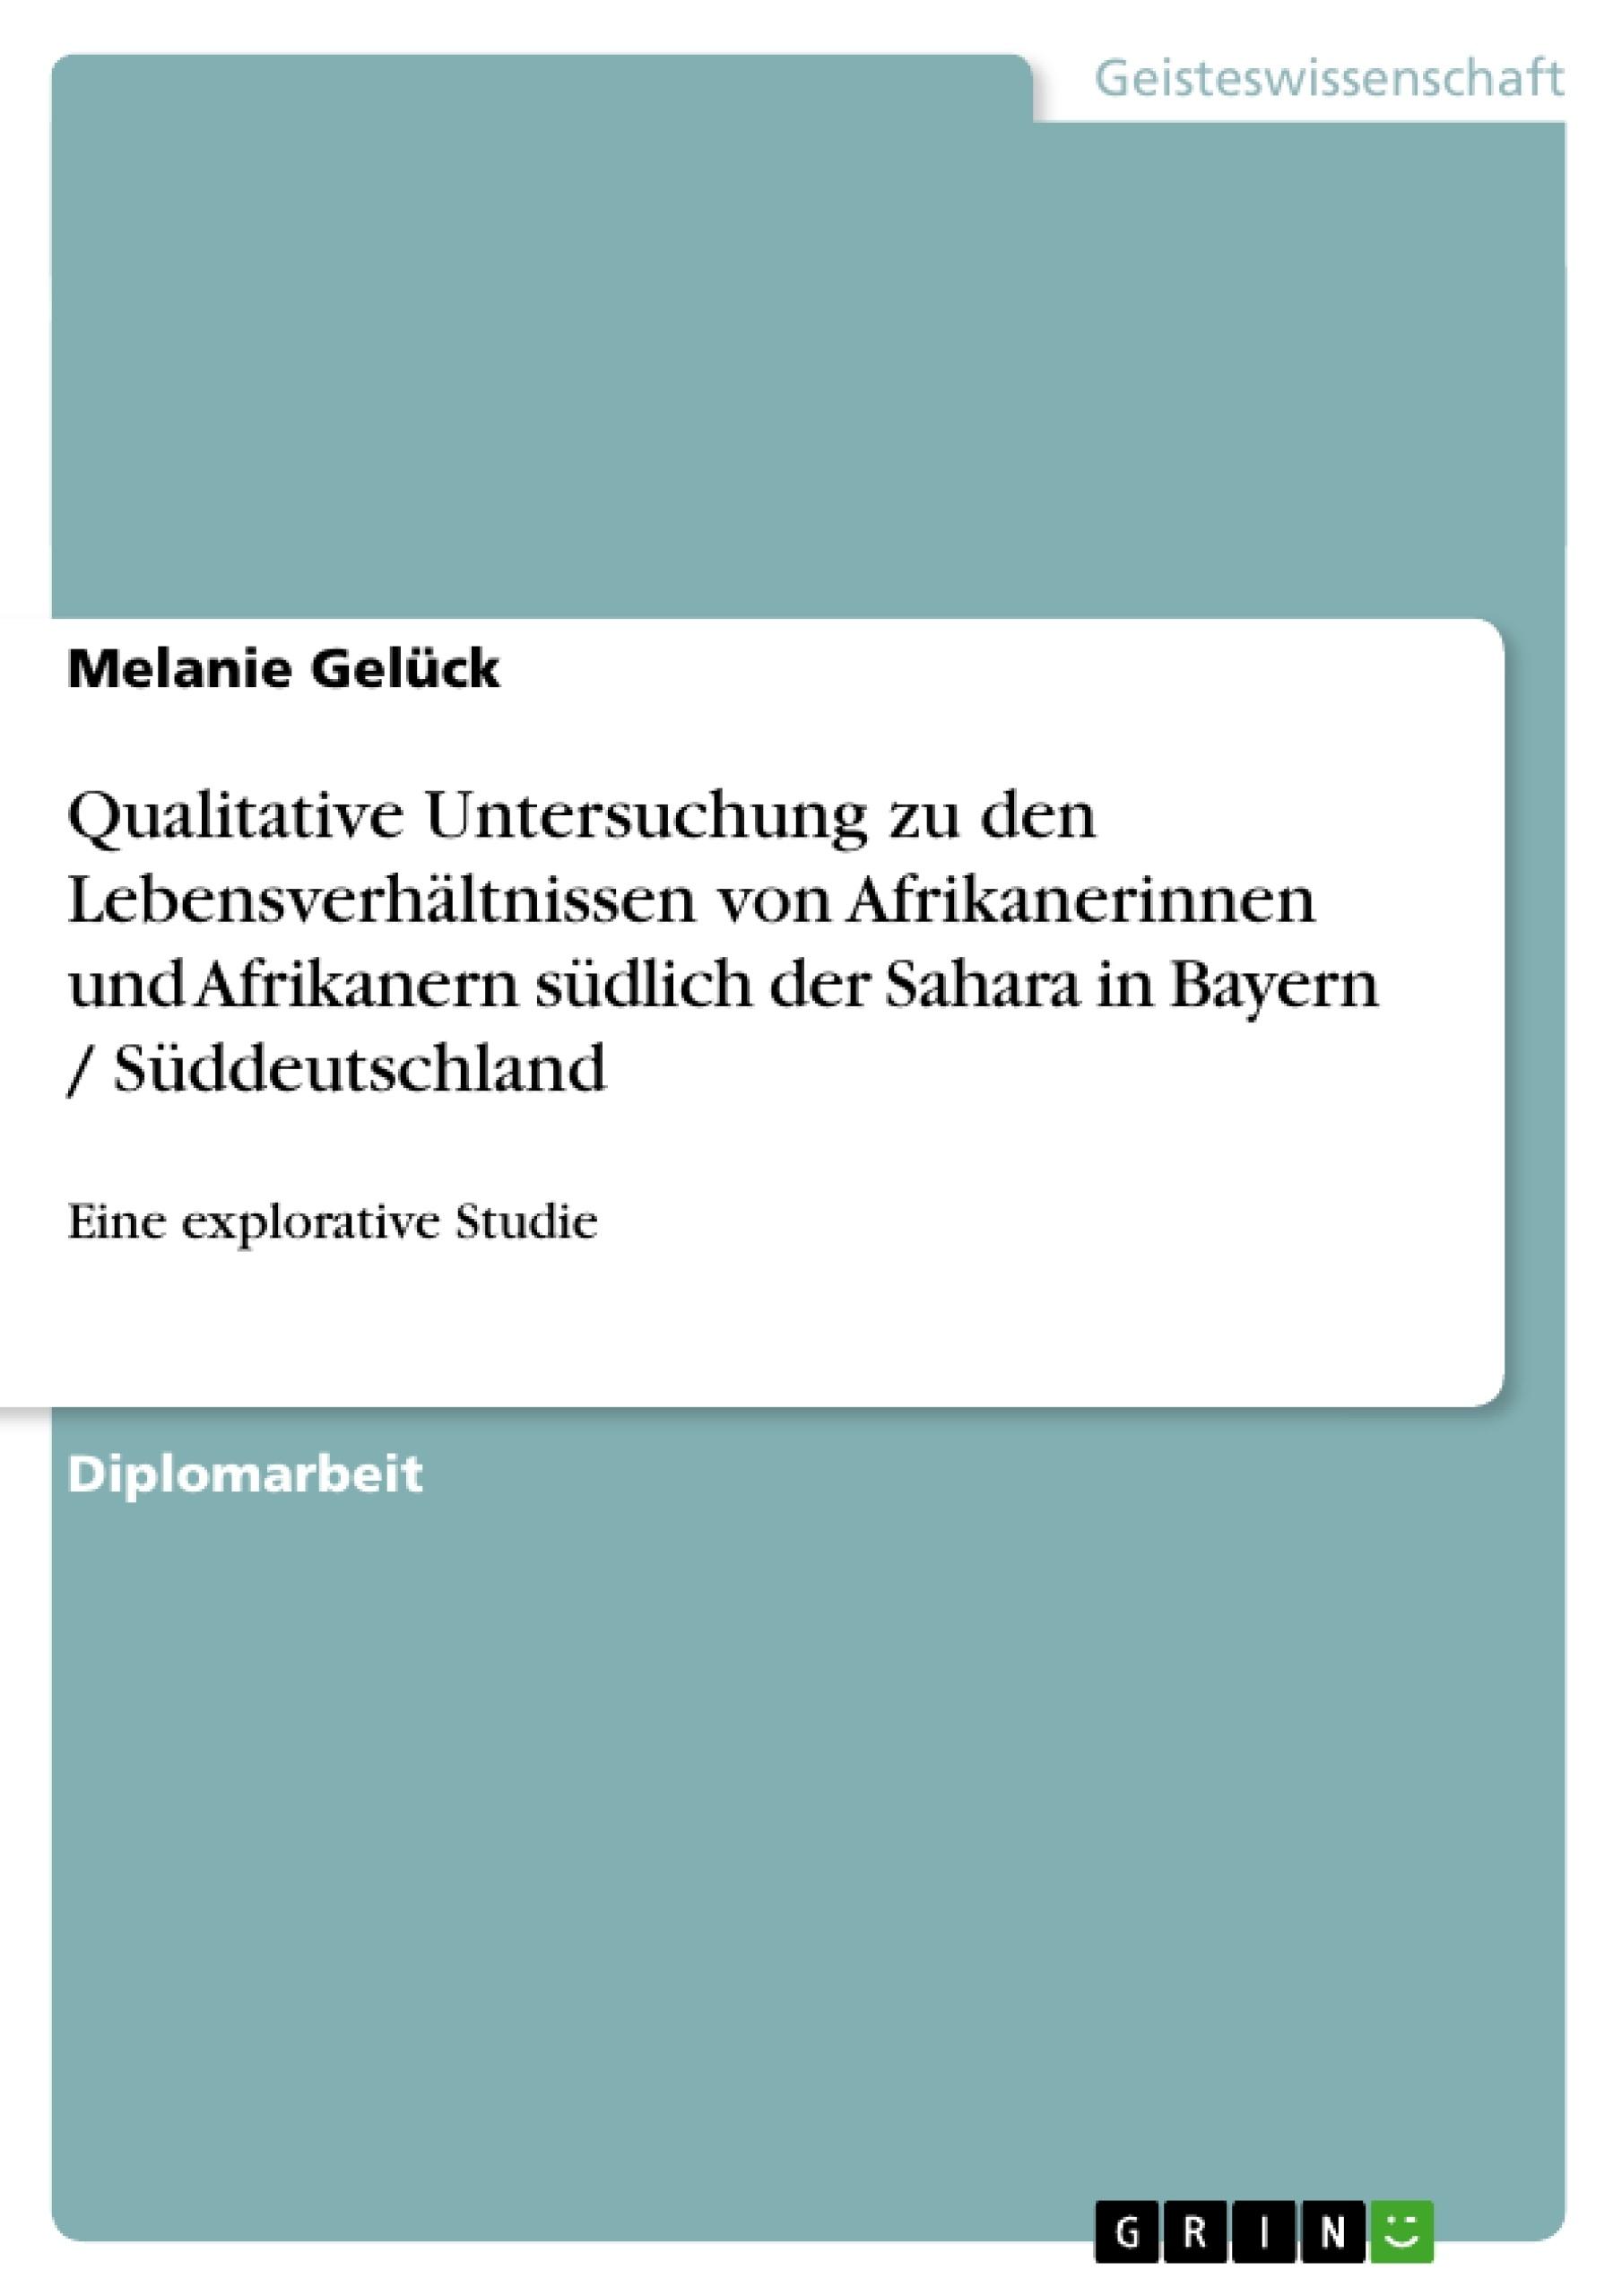 Titel: Qualitative Untersuchung zu den Lebensverhältnissen von Afrikanerinnen und Afrikanern südlich der Sahara in Bayern / Süddeutschland